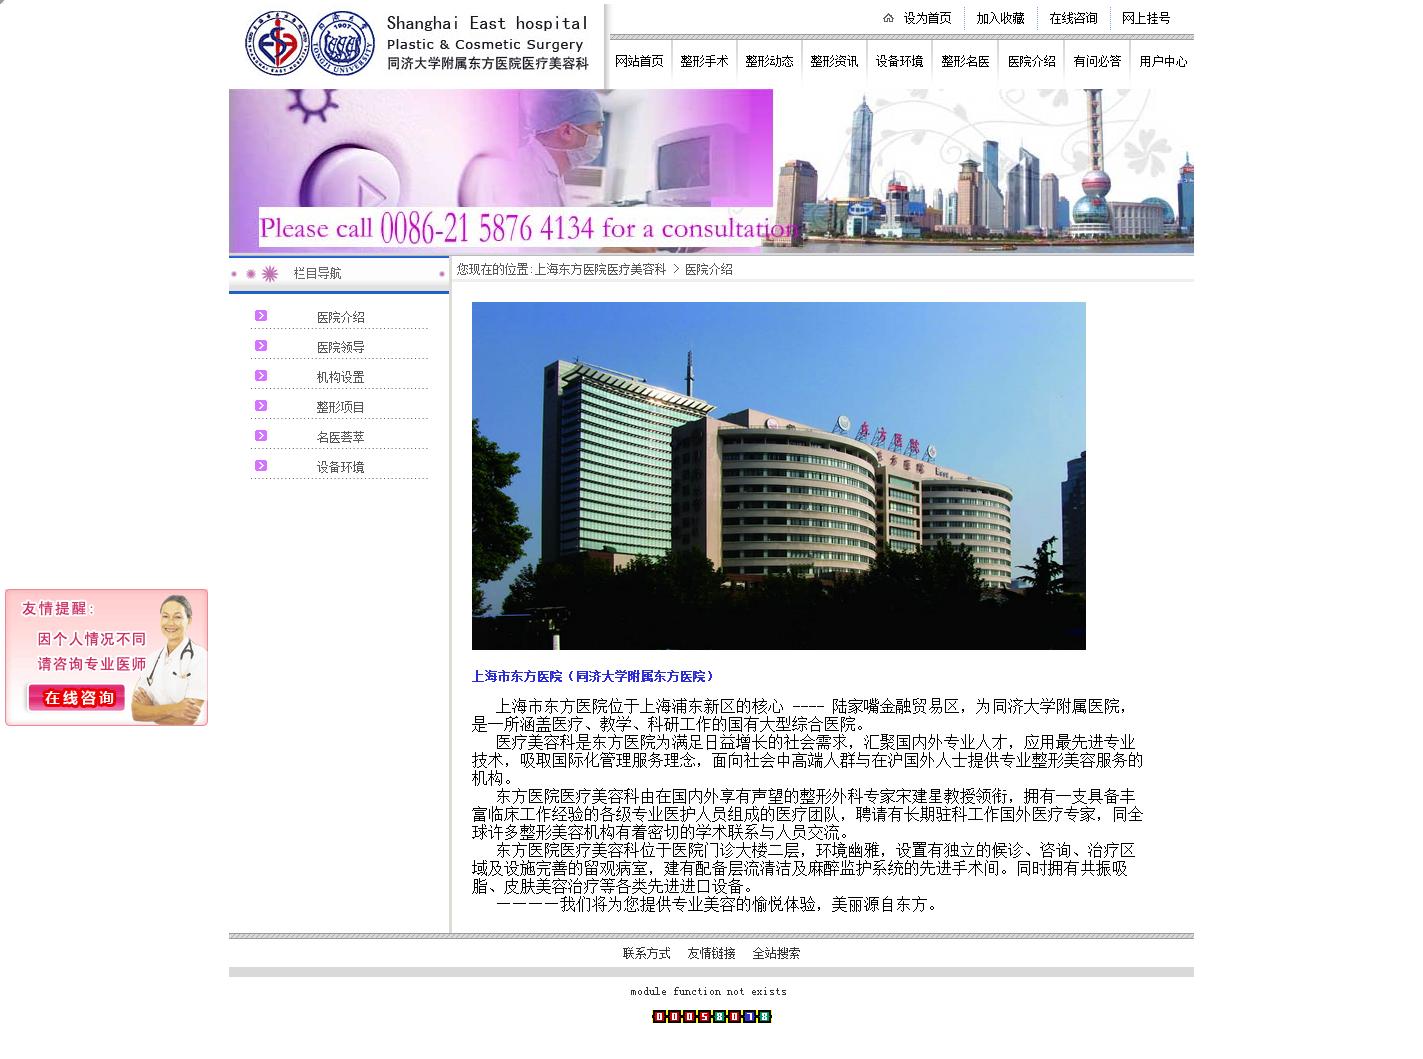 同济大学附属医院上海东方医院医疗美容科